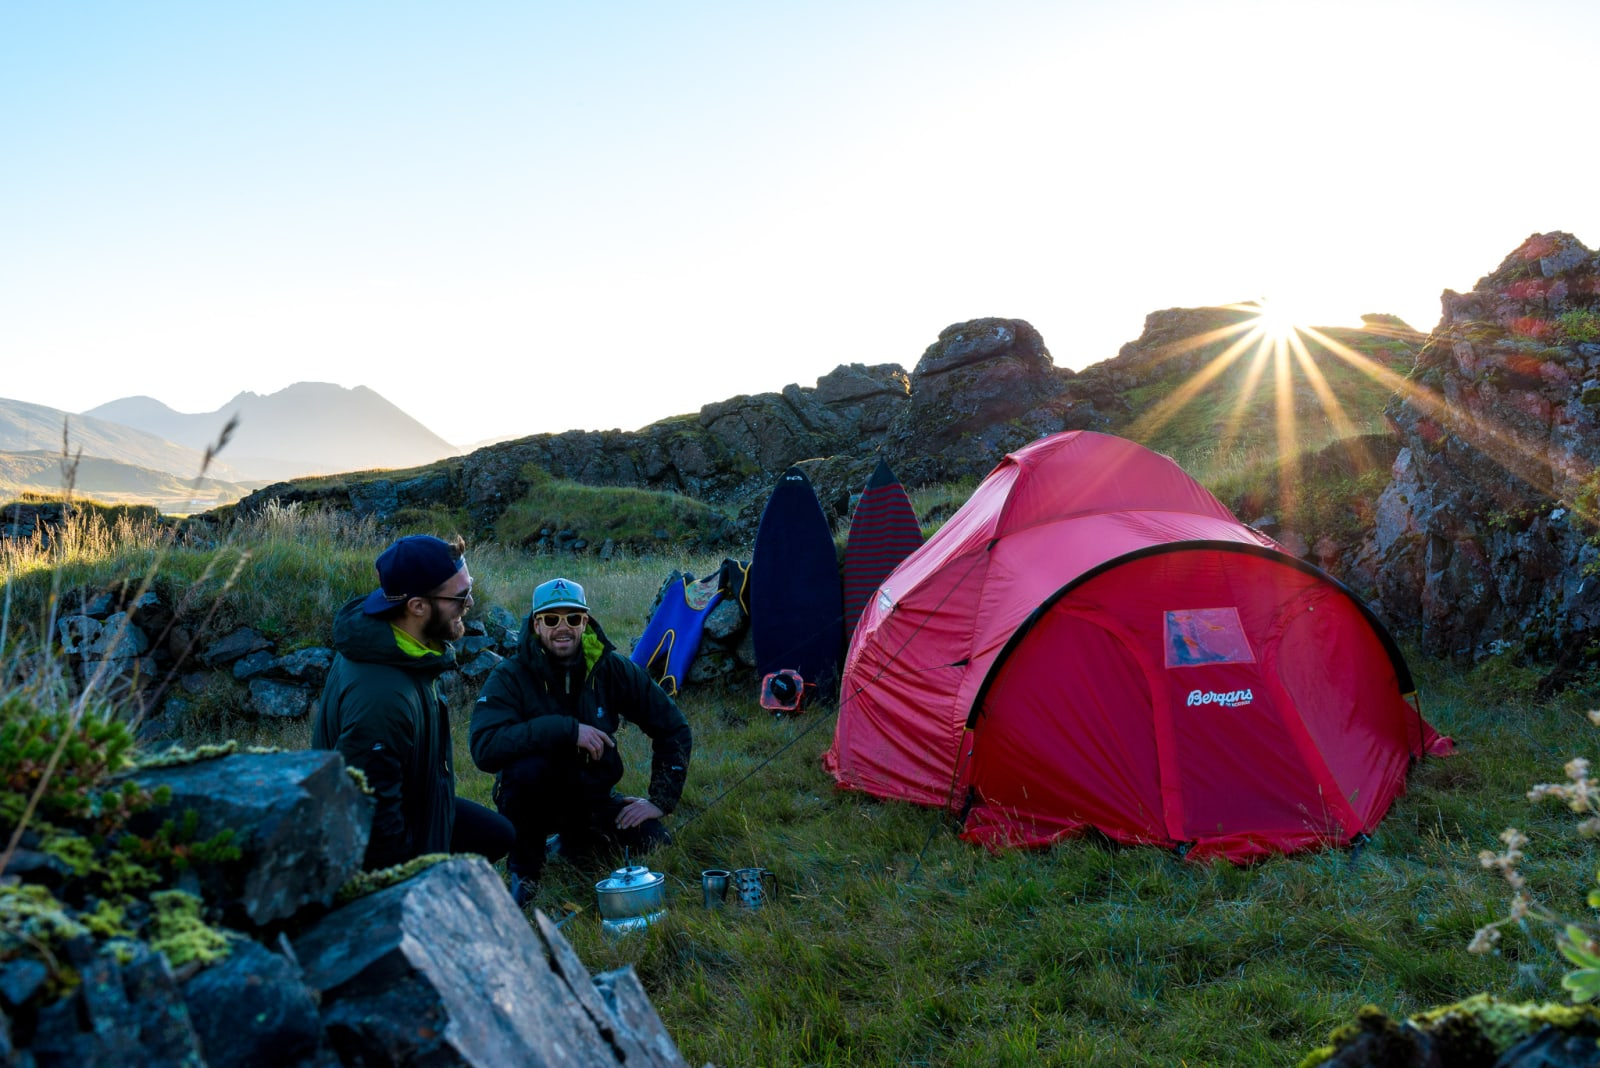 TELTLIV: To uker i telt kan tære på humøret, så det er viktig å nyte de små øyeblikkene. Og å ha nok kaffe.